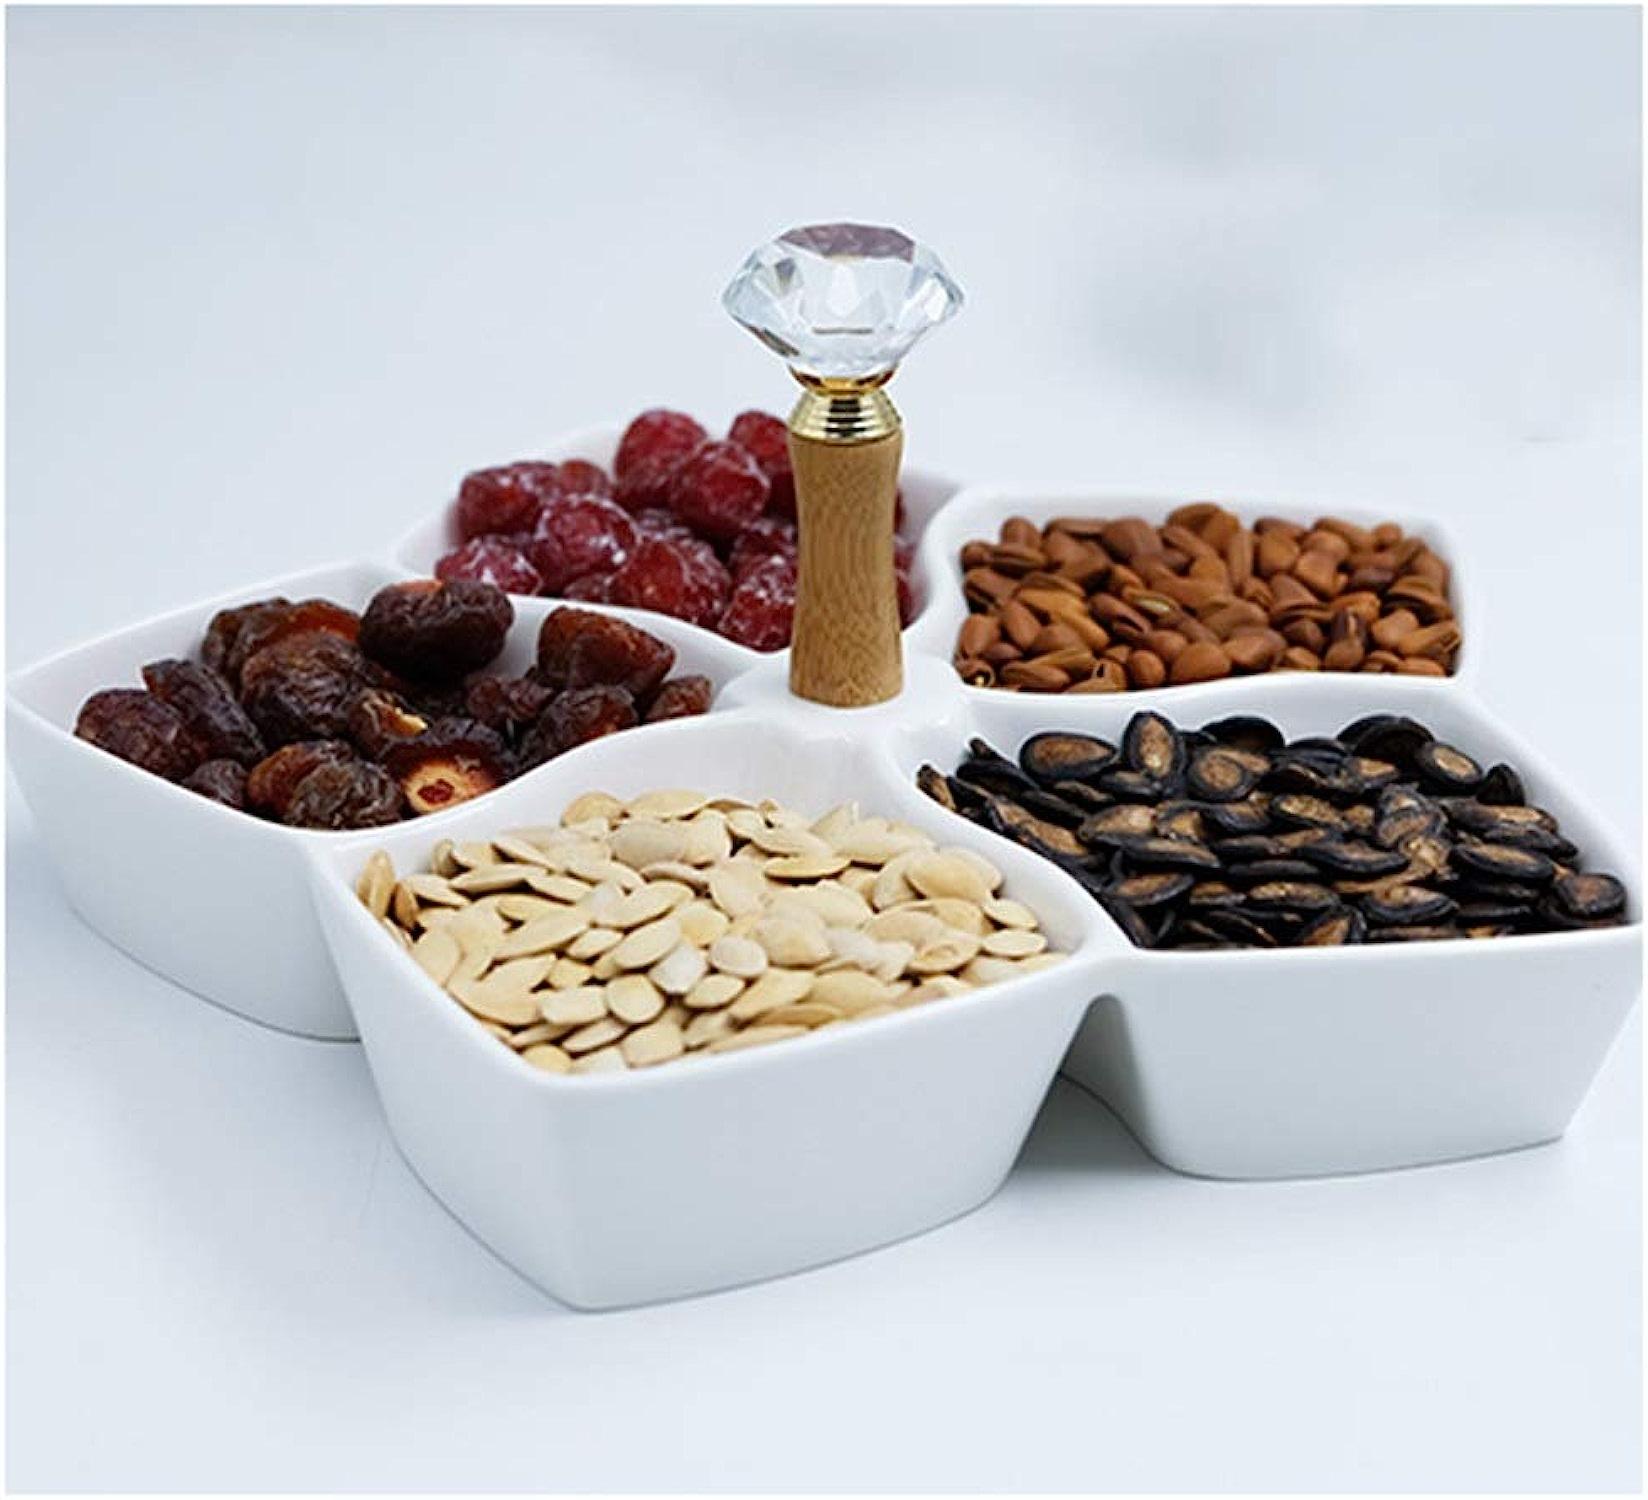 Corbeilles à fruits Panier à fruits en céramique, bols à fruits Boîte de patisseries aux multiples cadeaux -Bols et saladiers (Couleur   blanc, Taille   B)